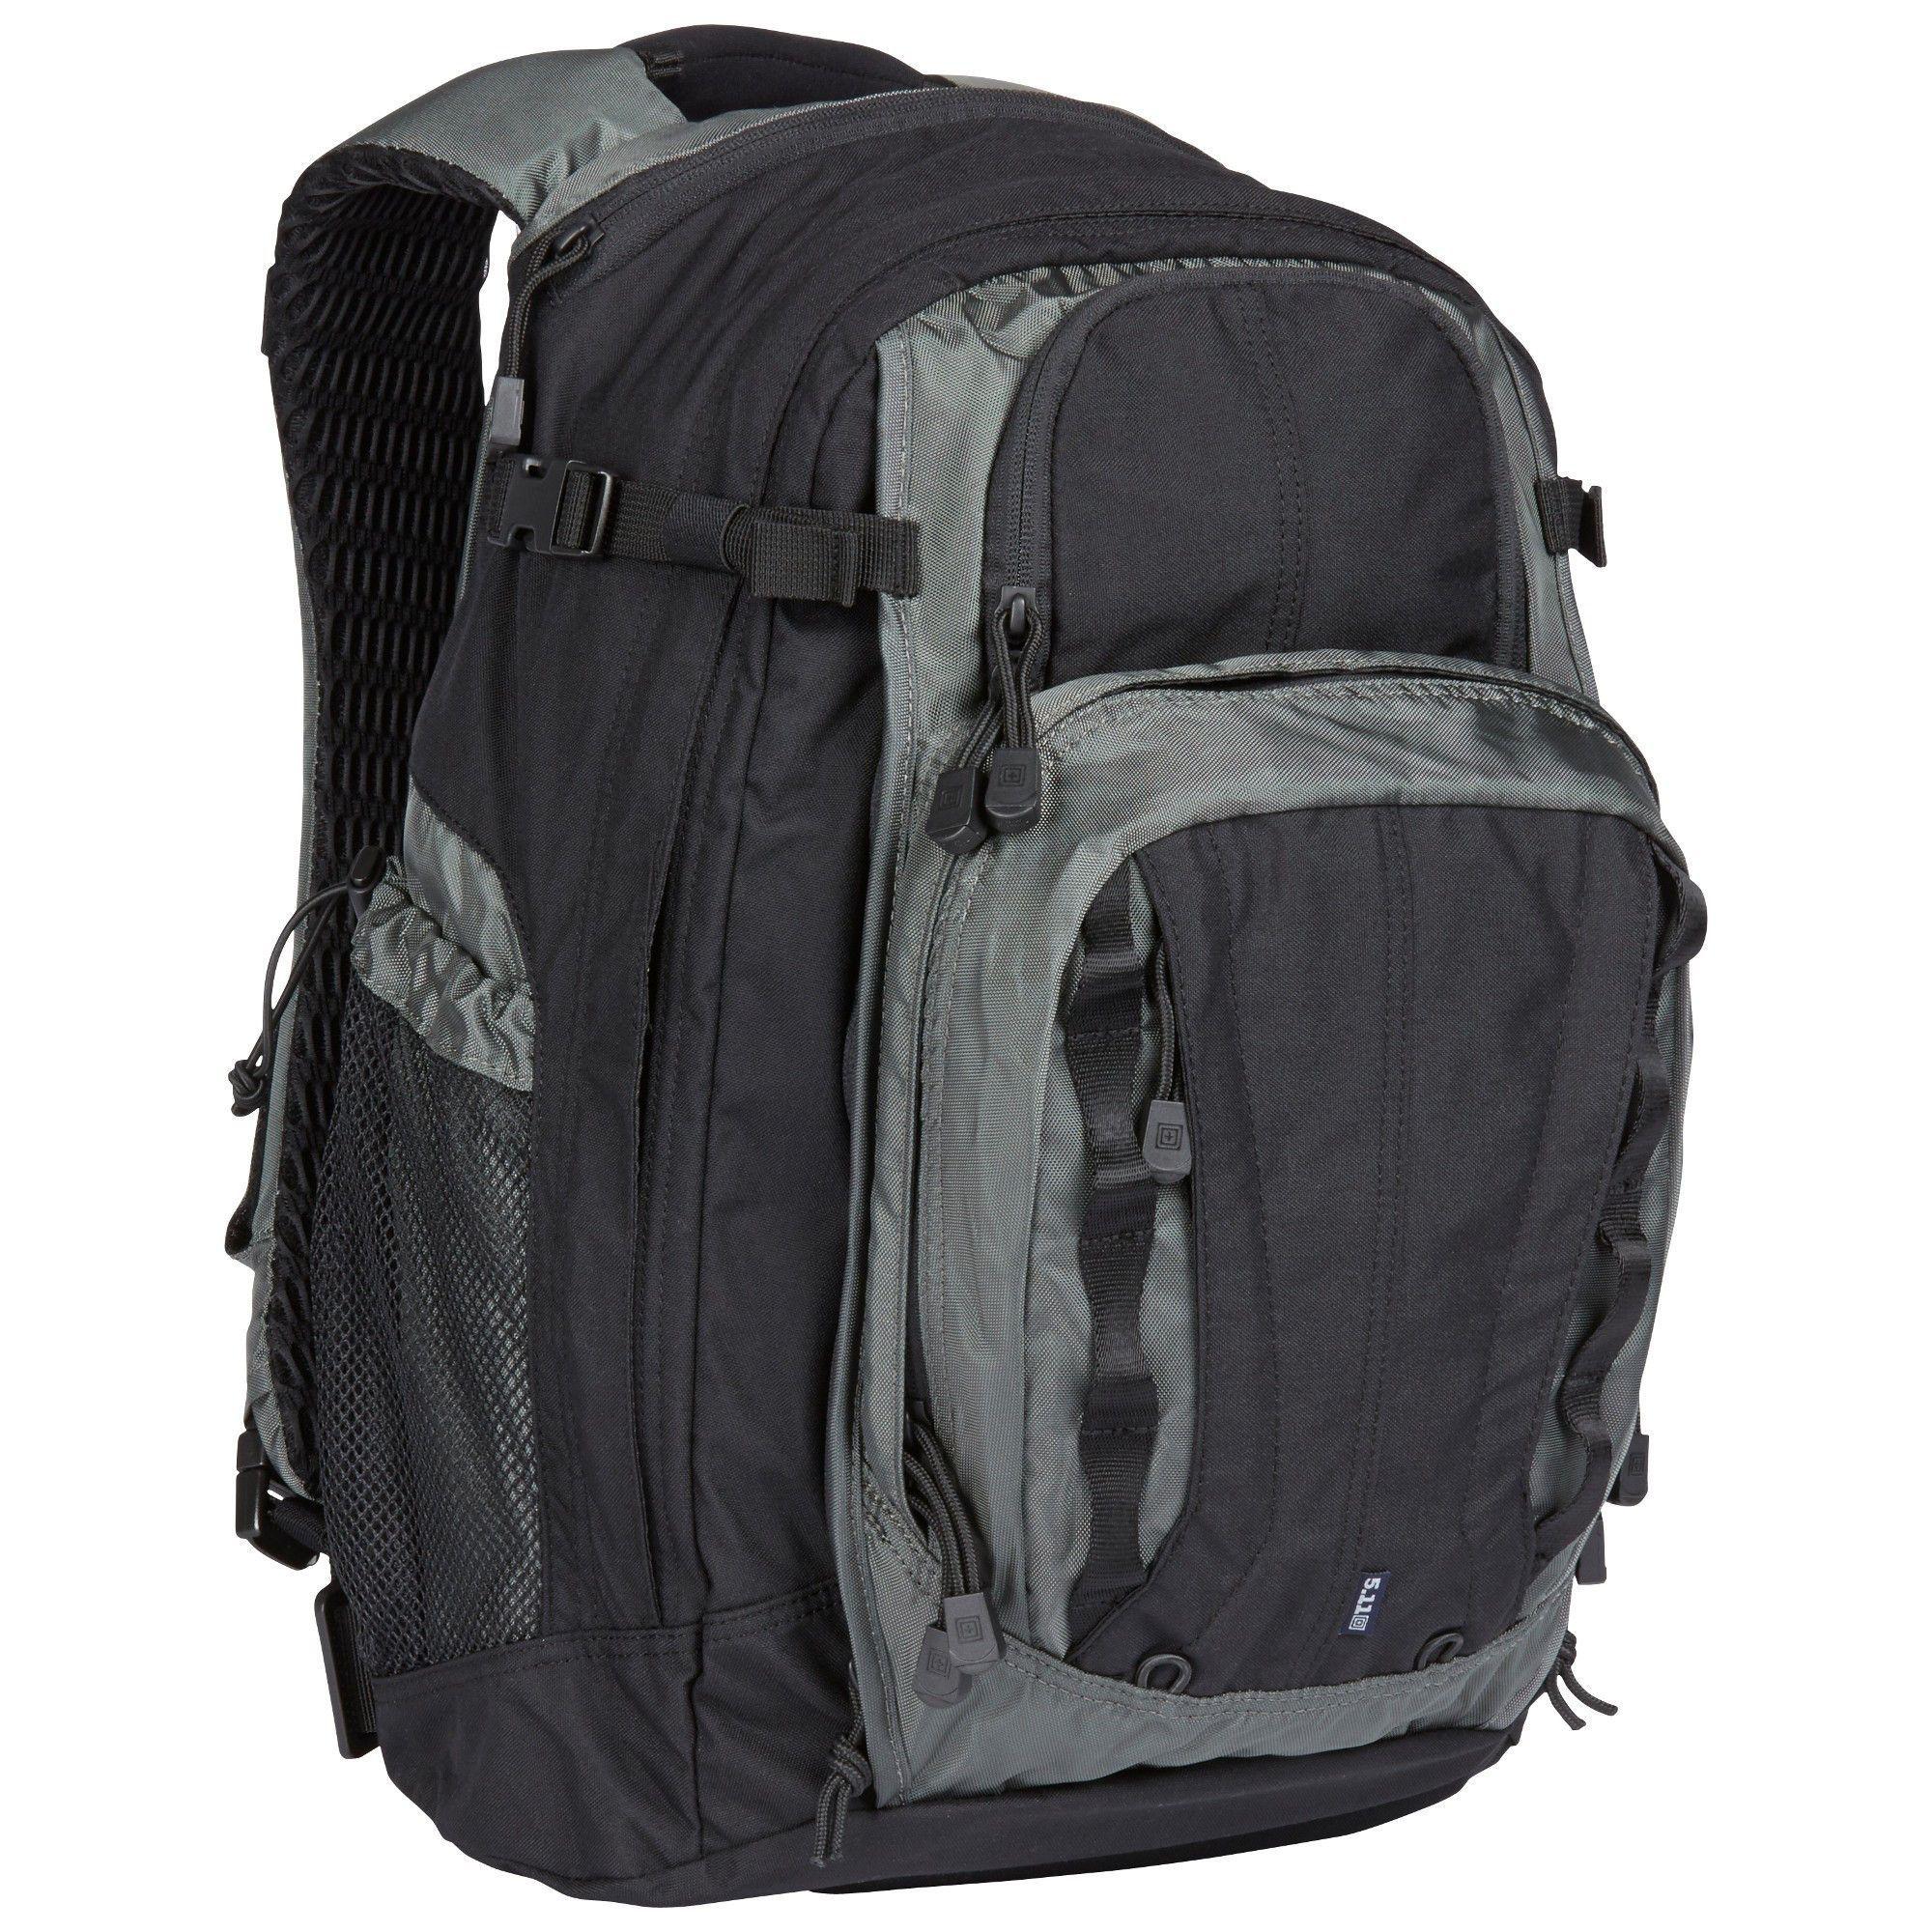 Купить рюкзак 5.11 covrt 18 backpack рюкзаки для первоклашек недорого